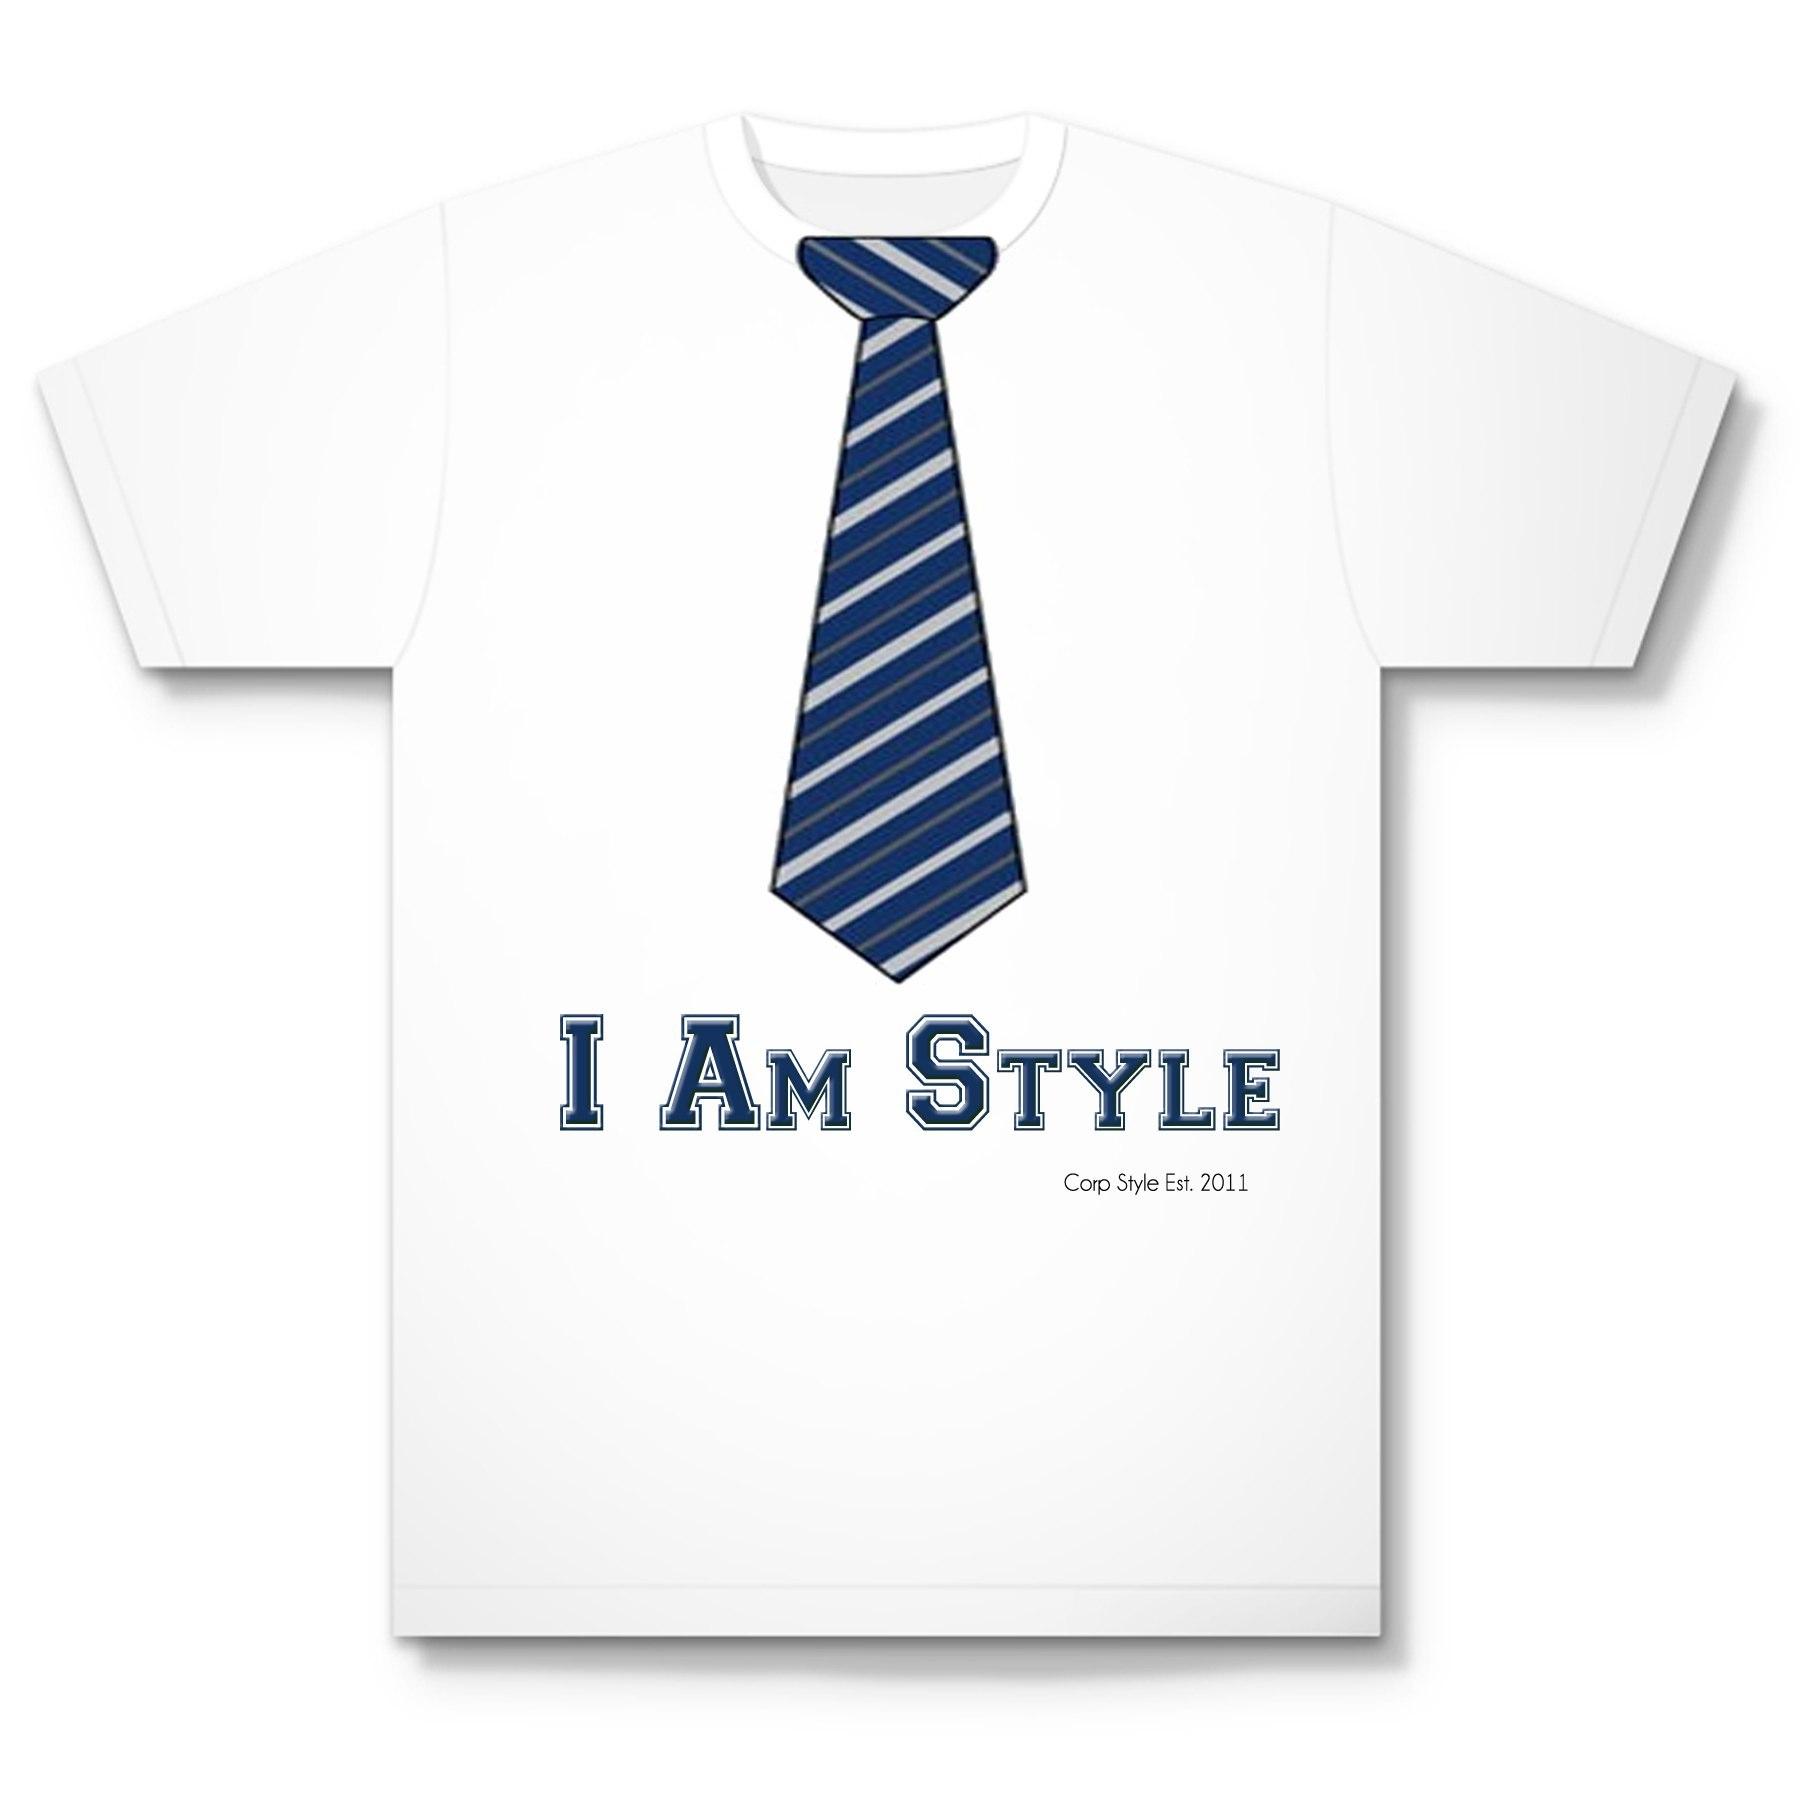 iamstyle tshirt 16 - Copy.jpg